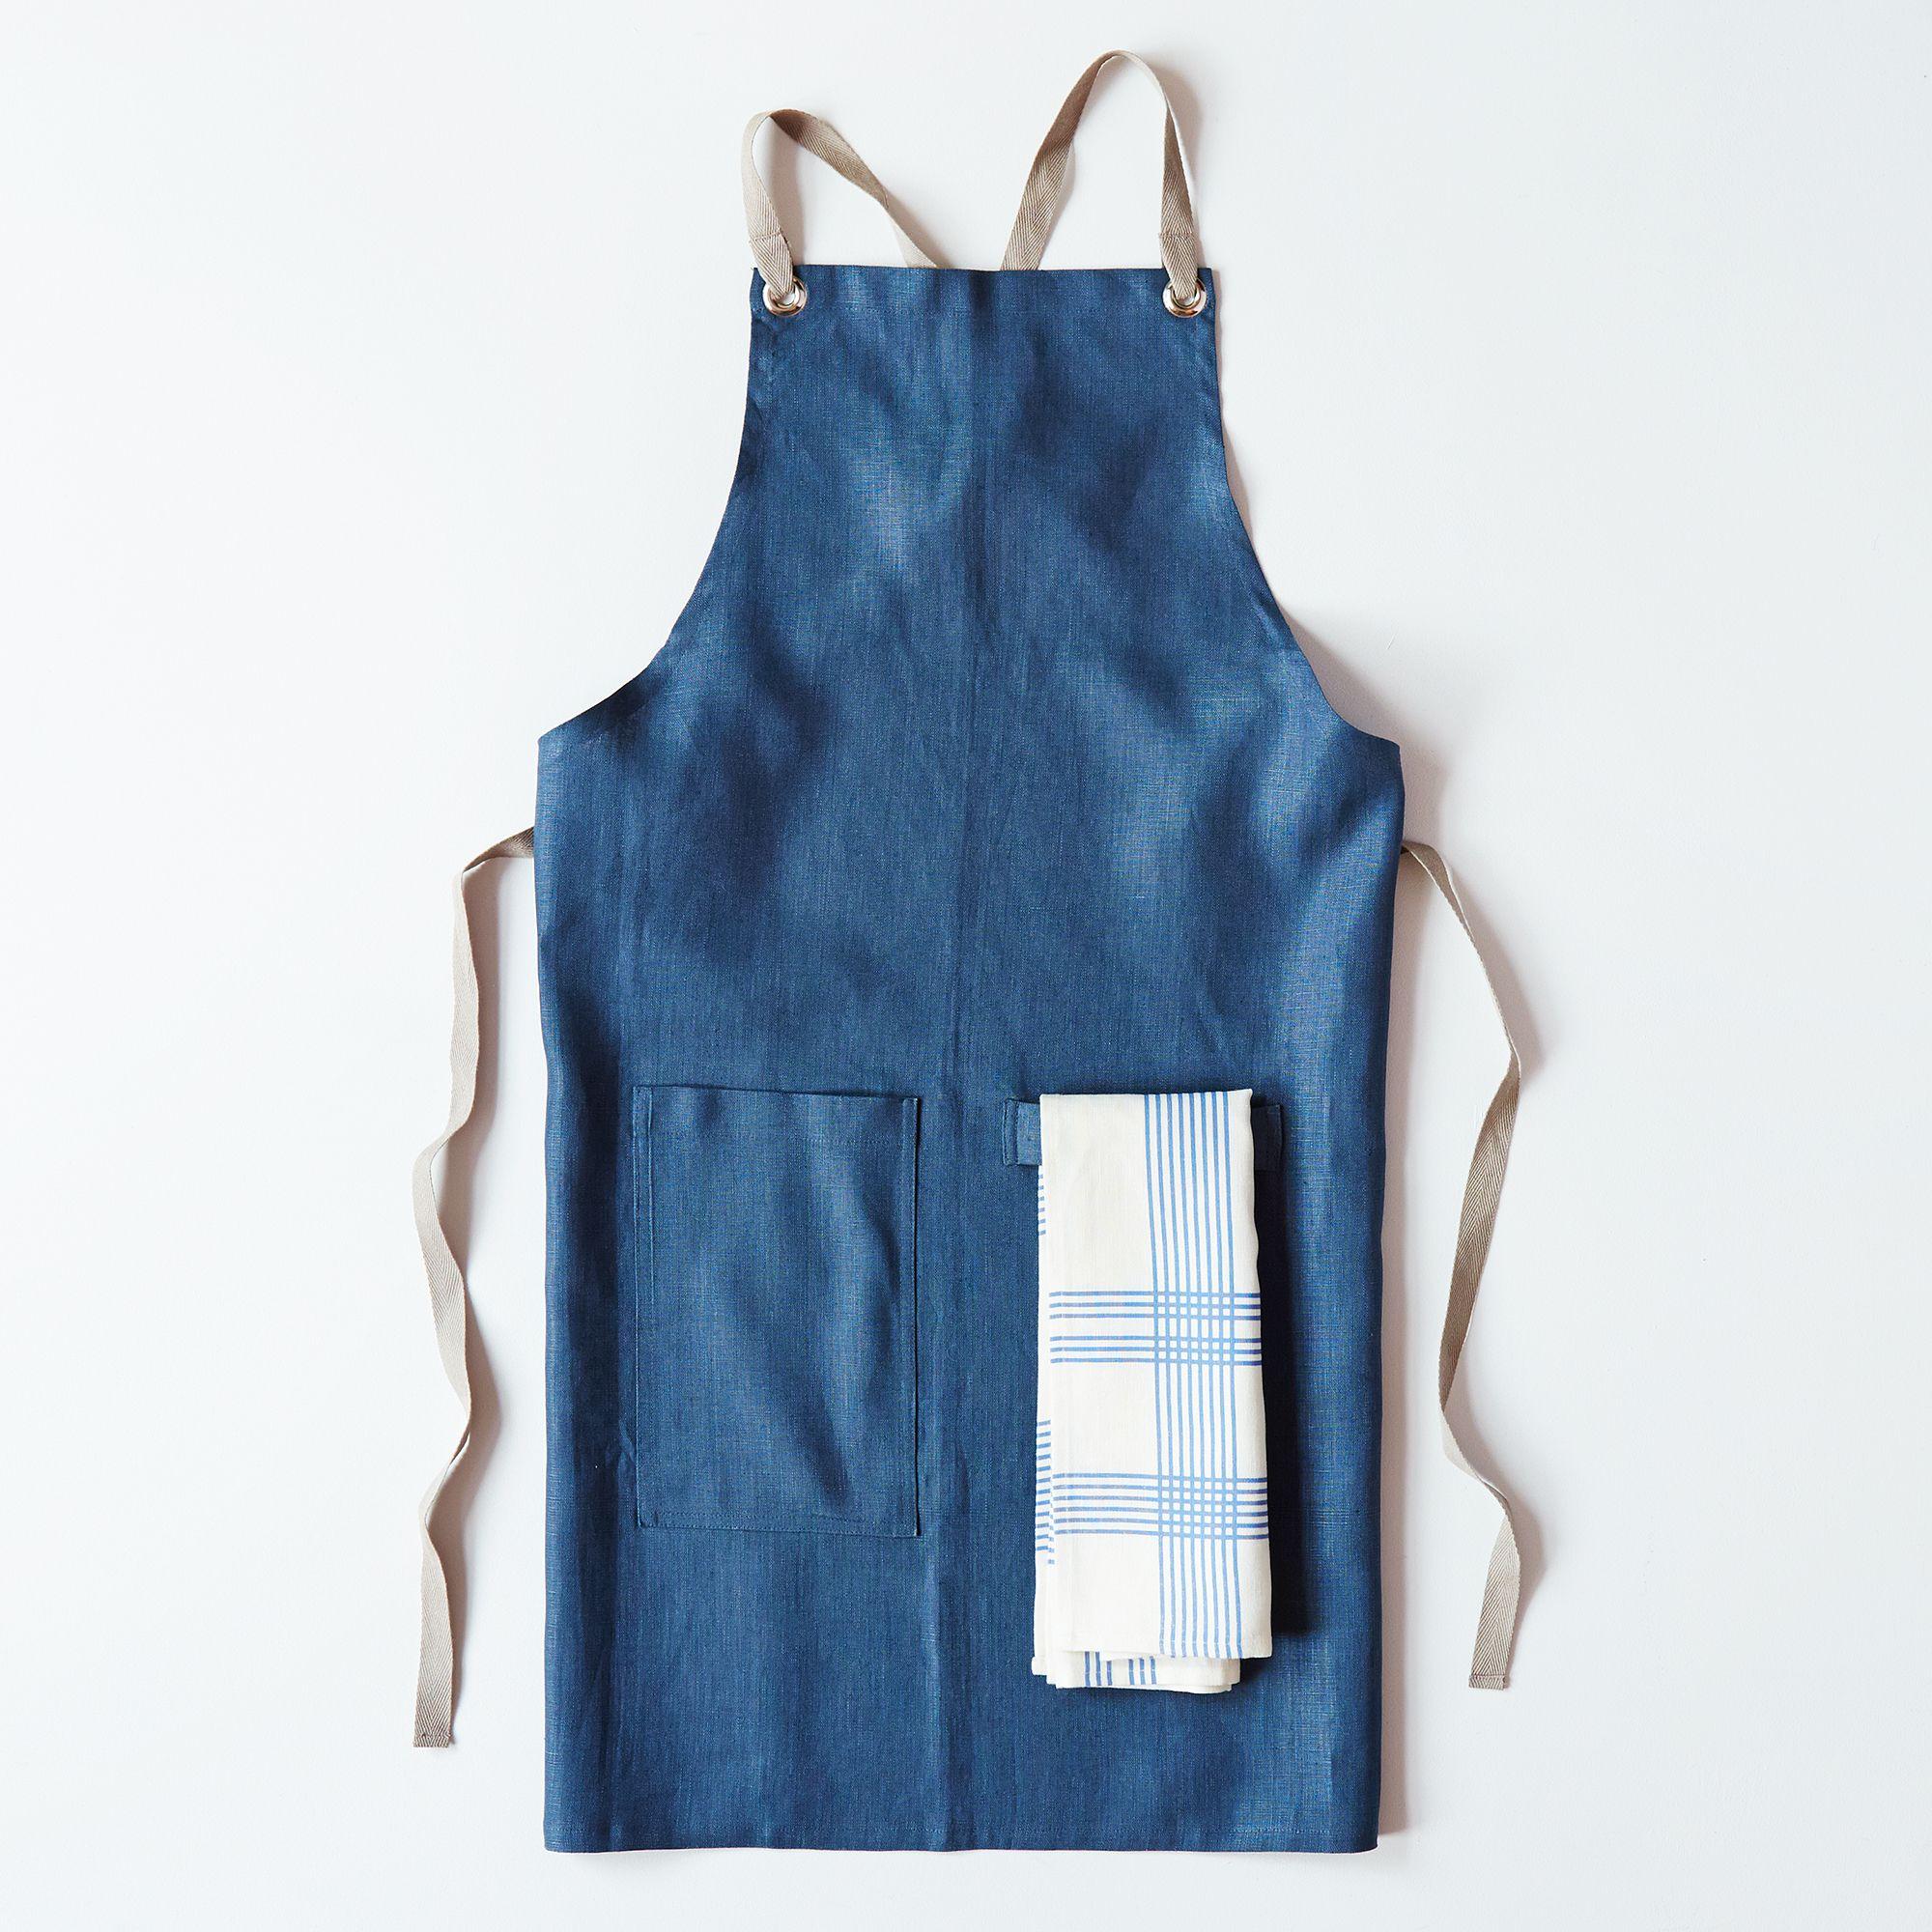 White tea apron - Slate Blue Cross Back Kitchen Apron With Slate Ties 52 Stripes Tea Towel